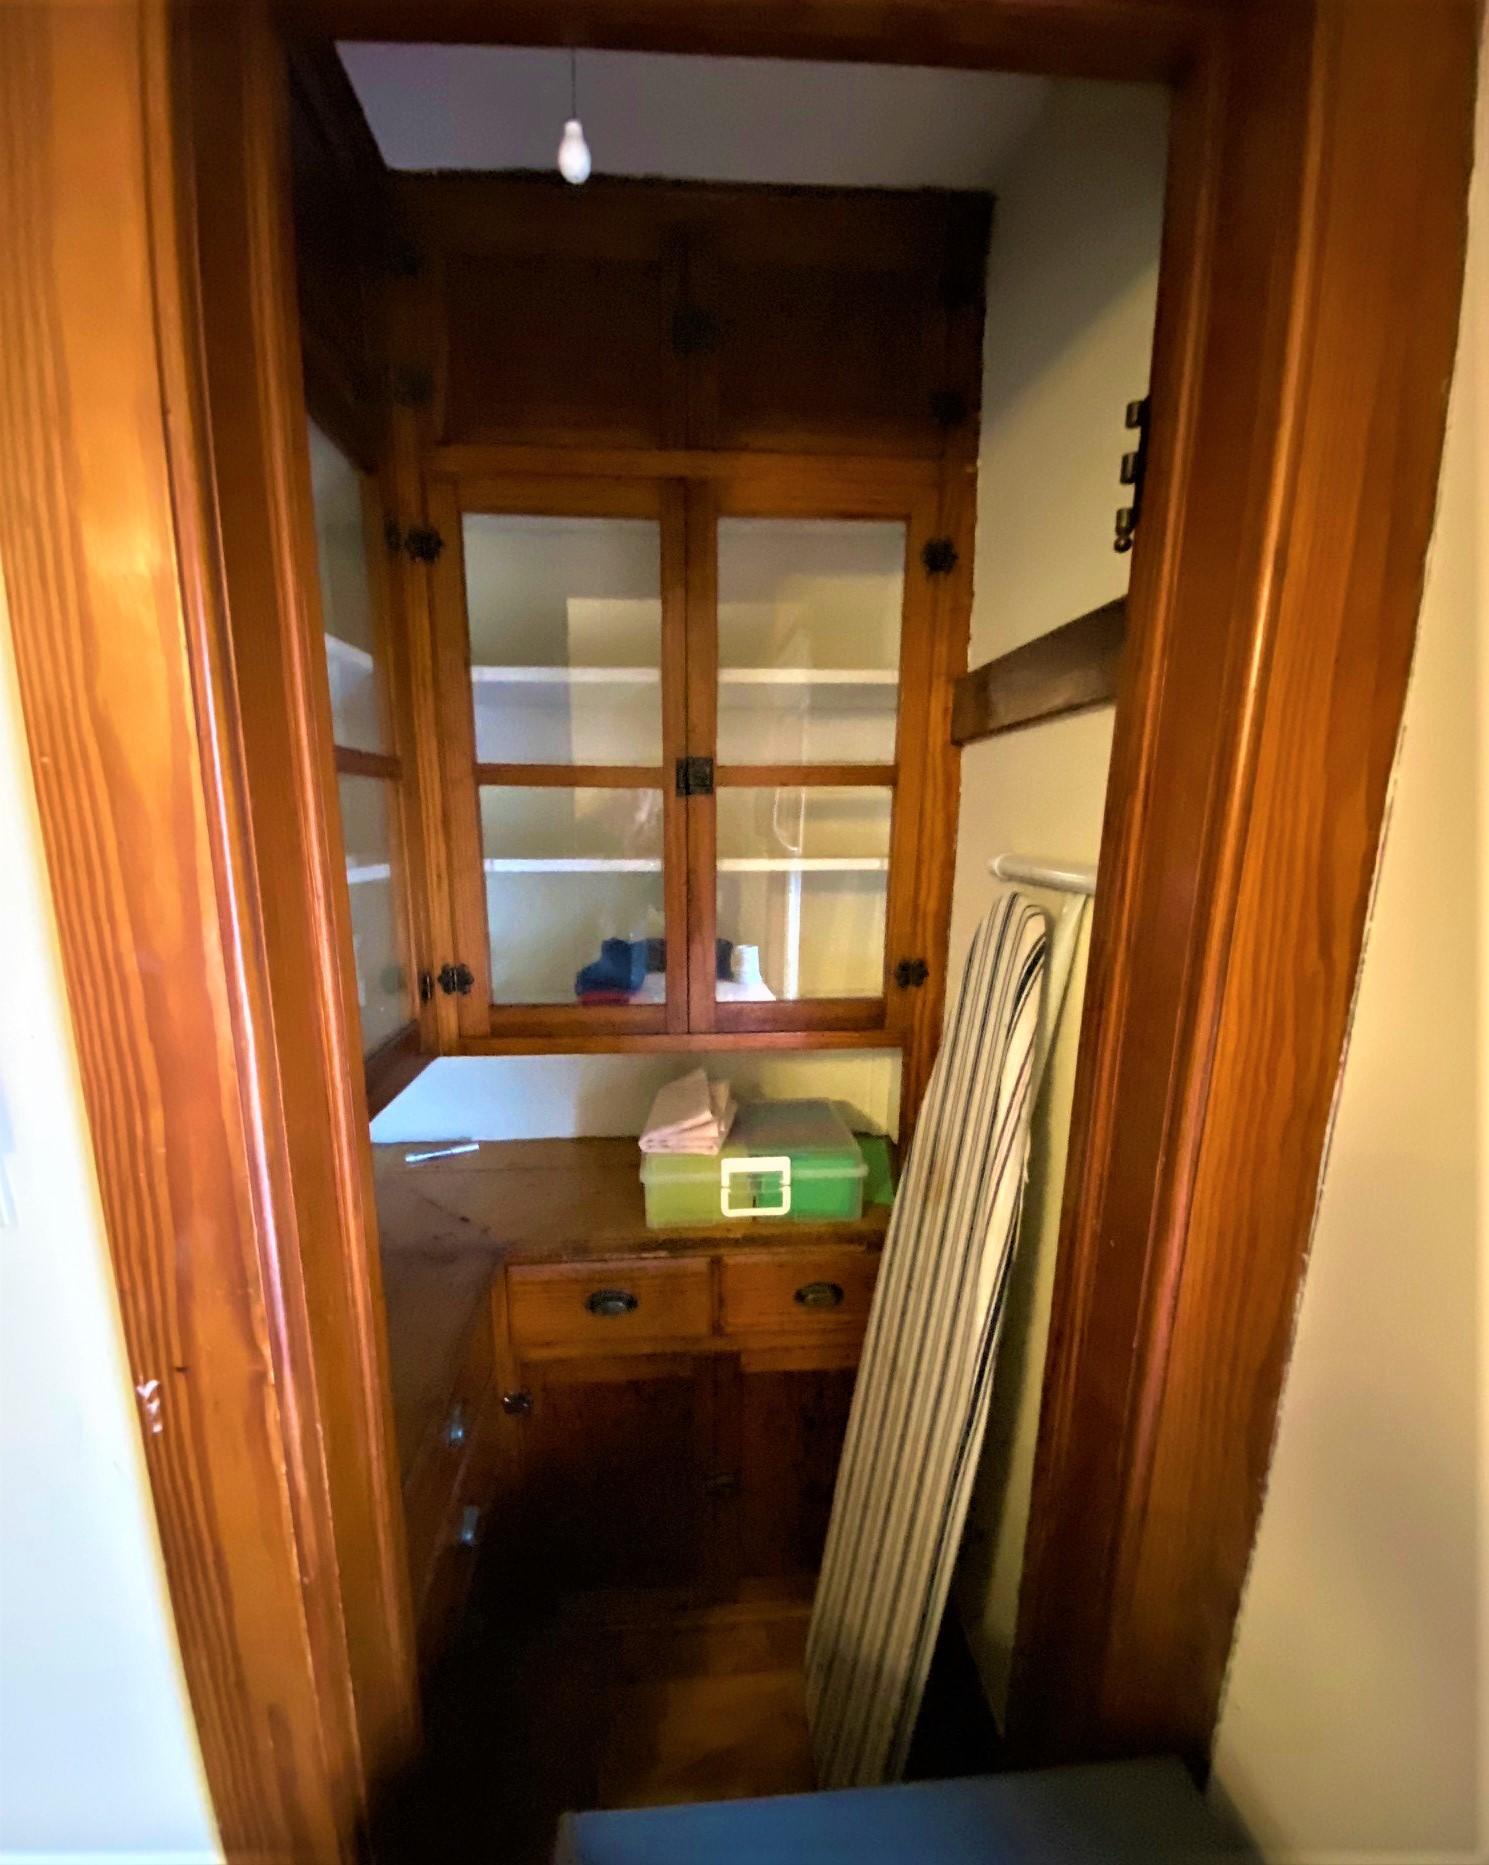 Built-Ins in Upper Closet